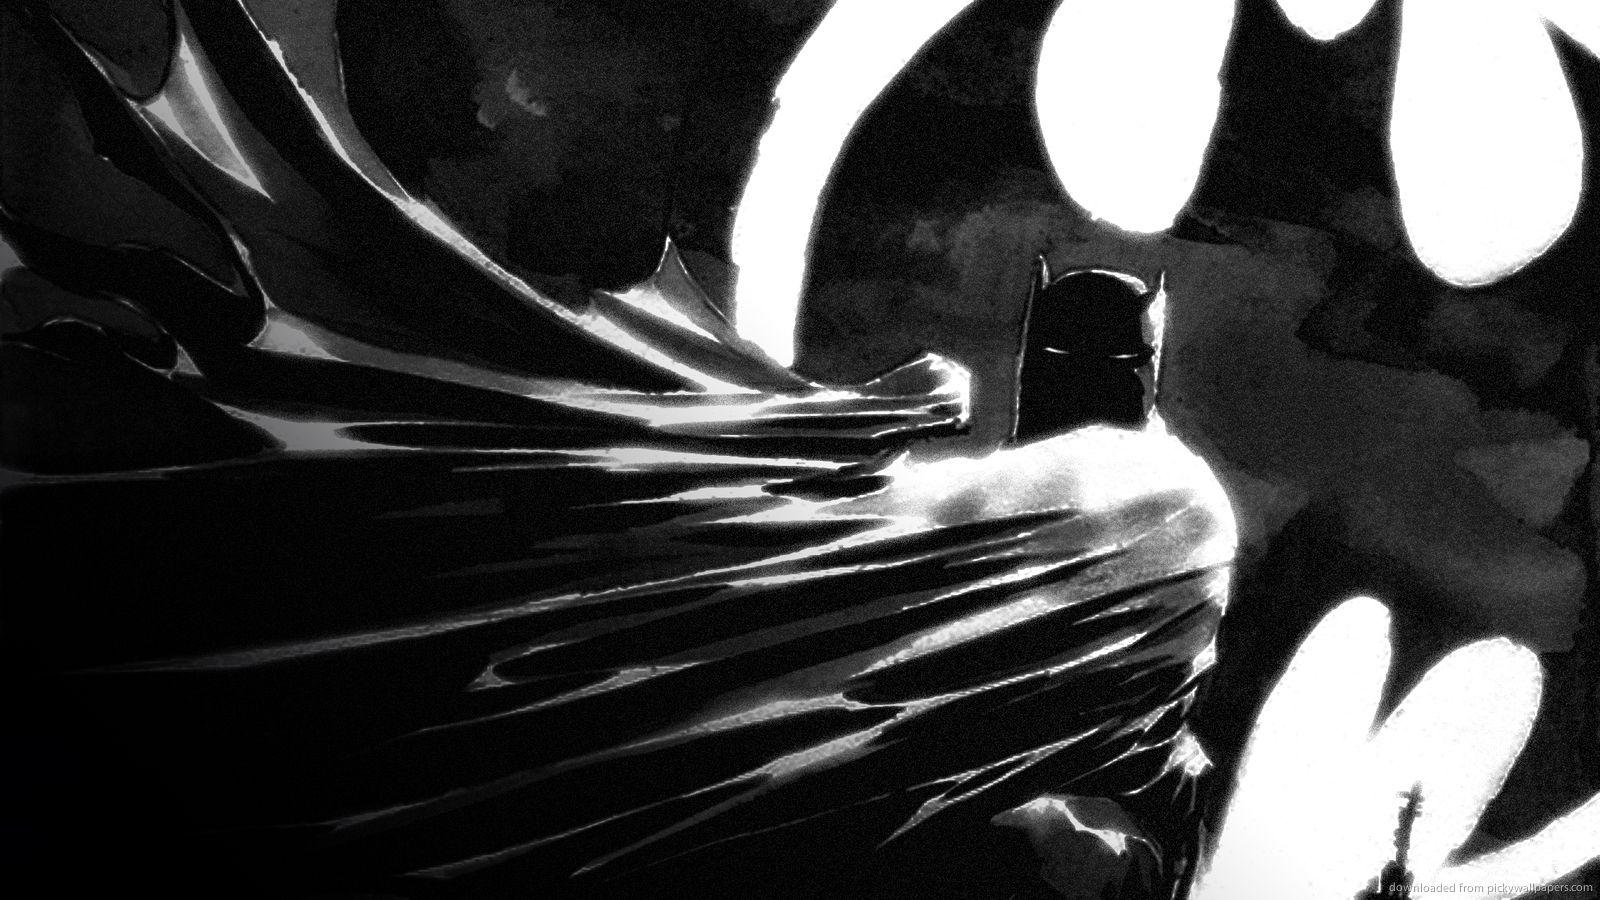 Download 1600x900 The Batman Wallpaper Рисунки